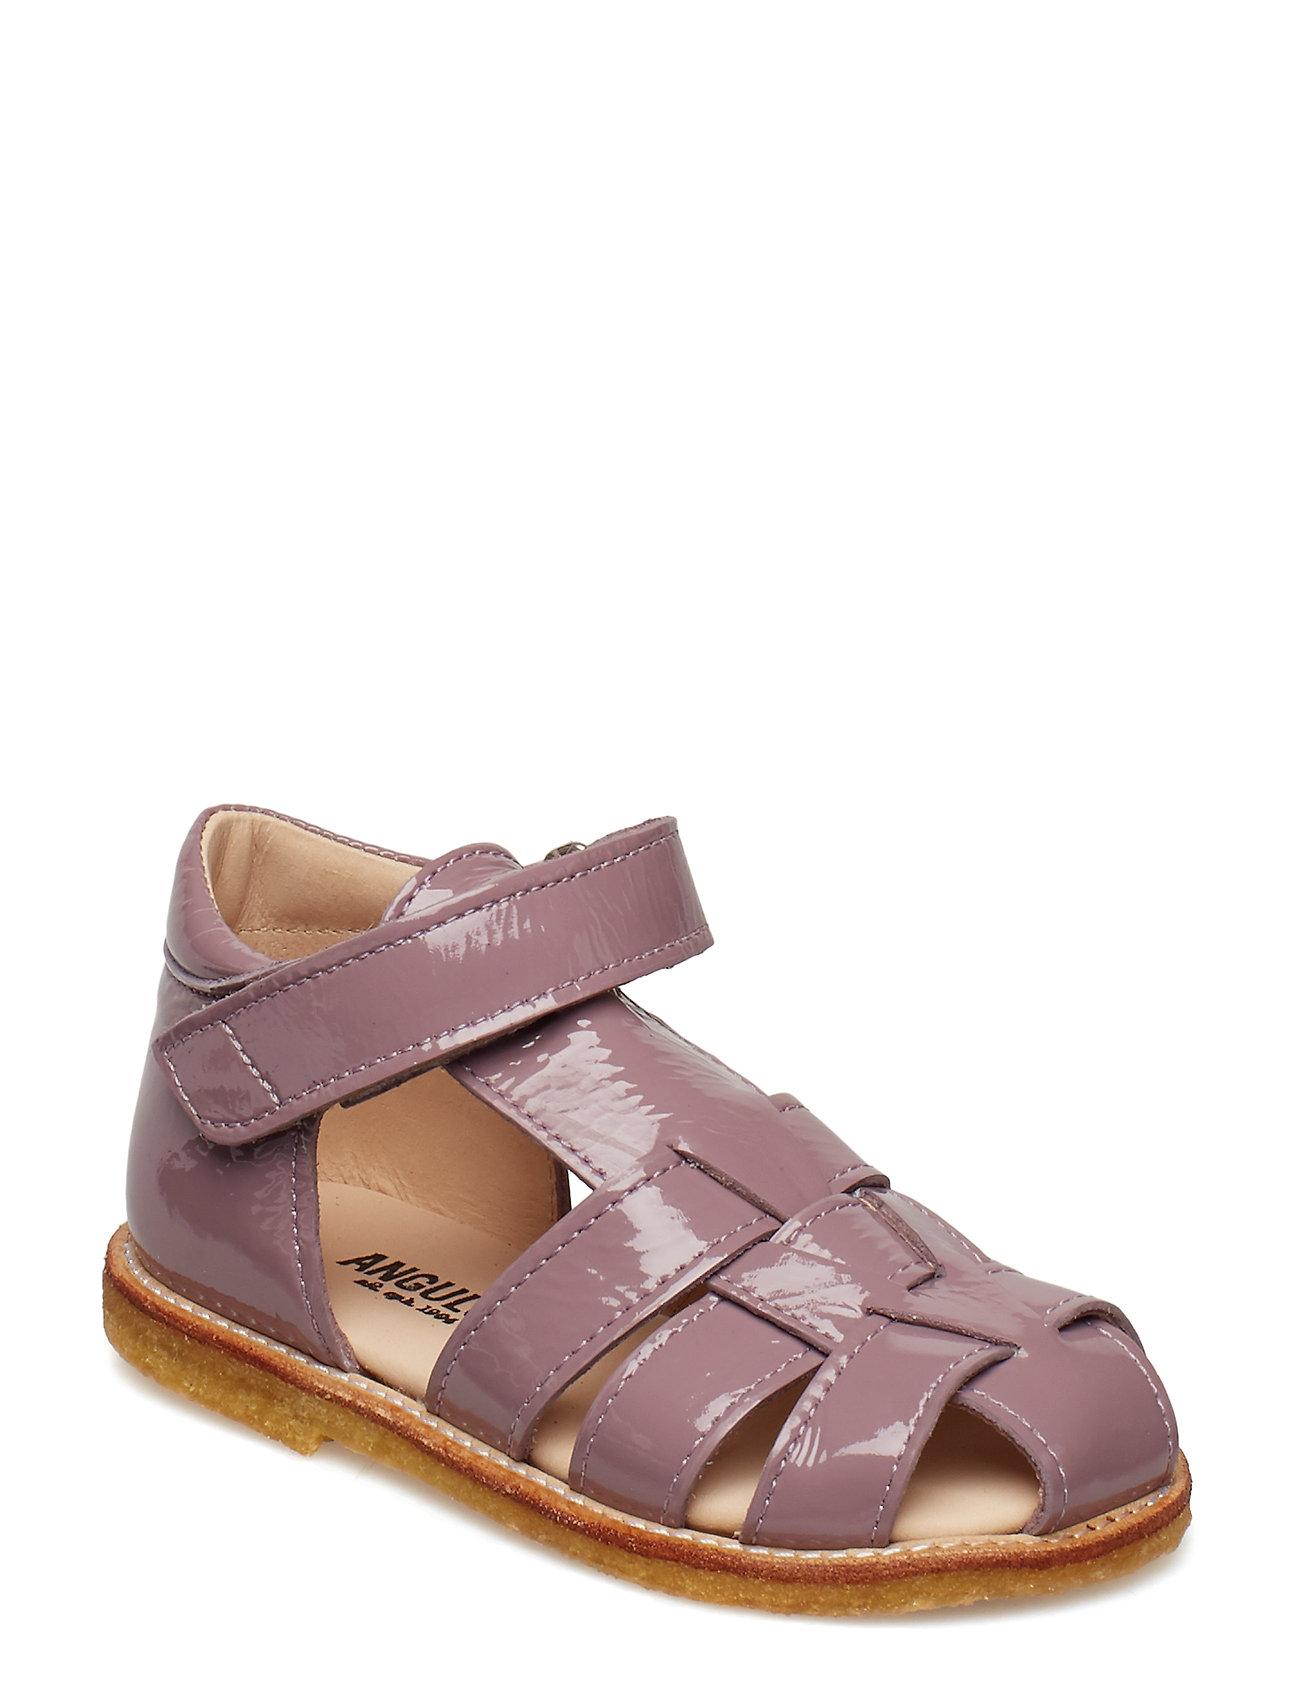 0cf439de937 Baby Sandal sandaler fra ANGULUS til børn i 2164 LEOPARD - Pashion.dk